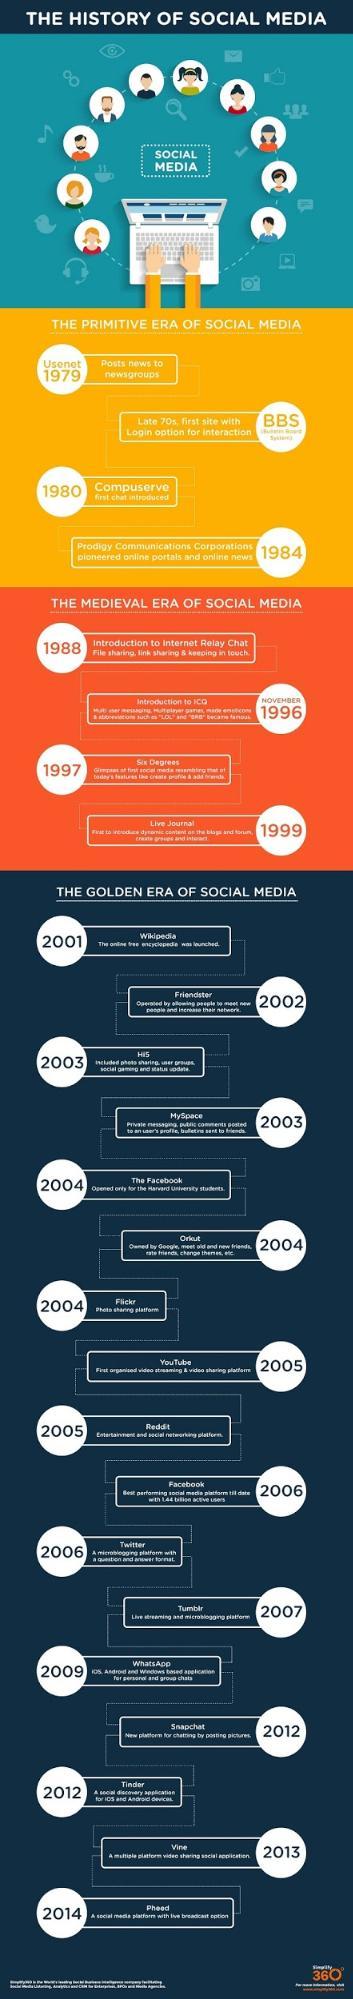 history of social media.